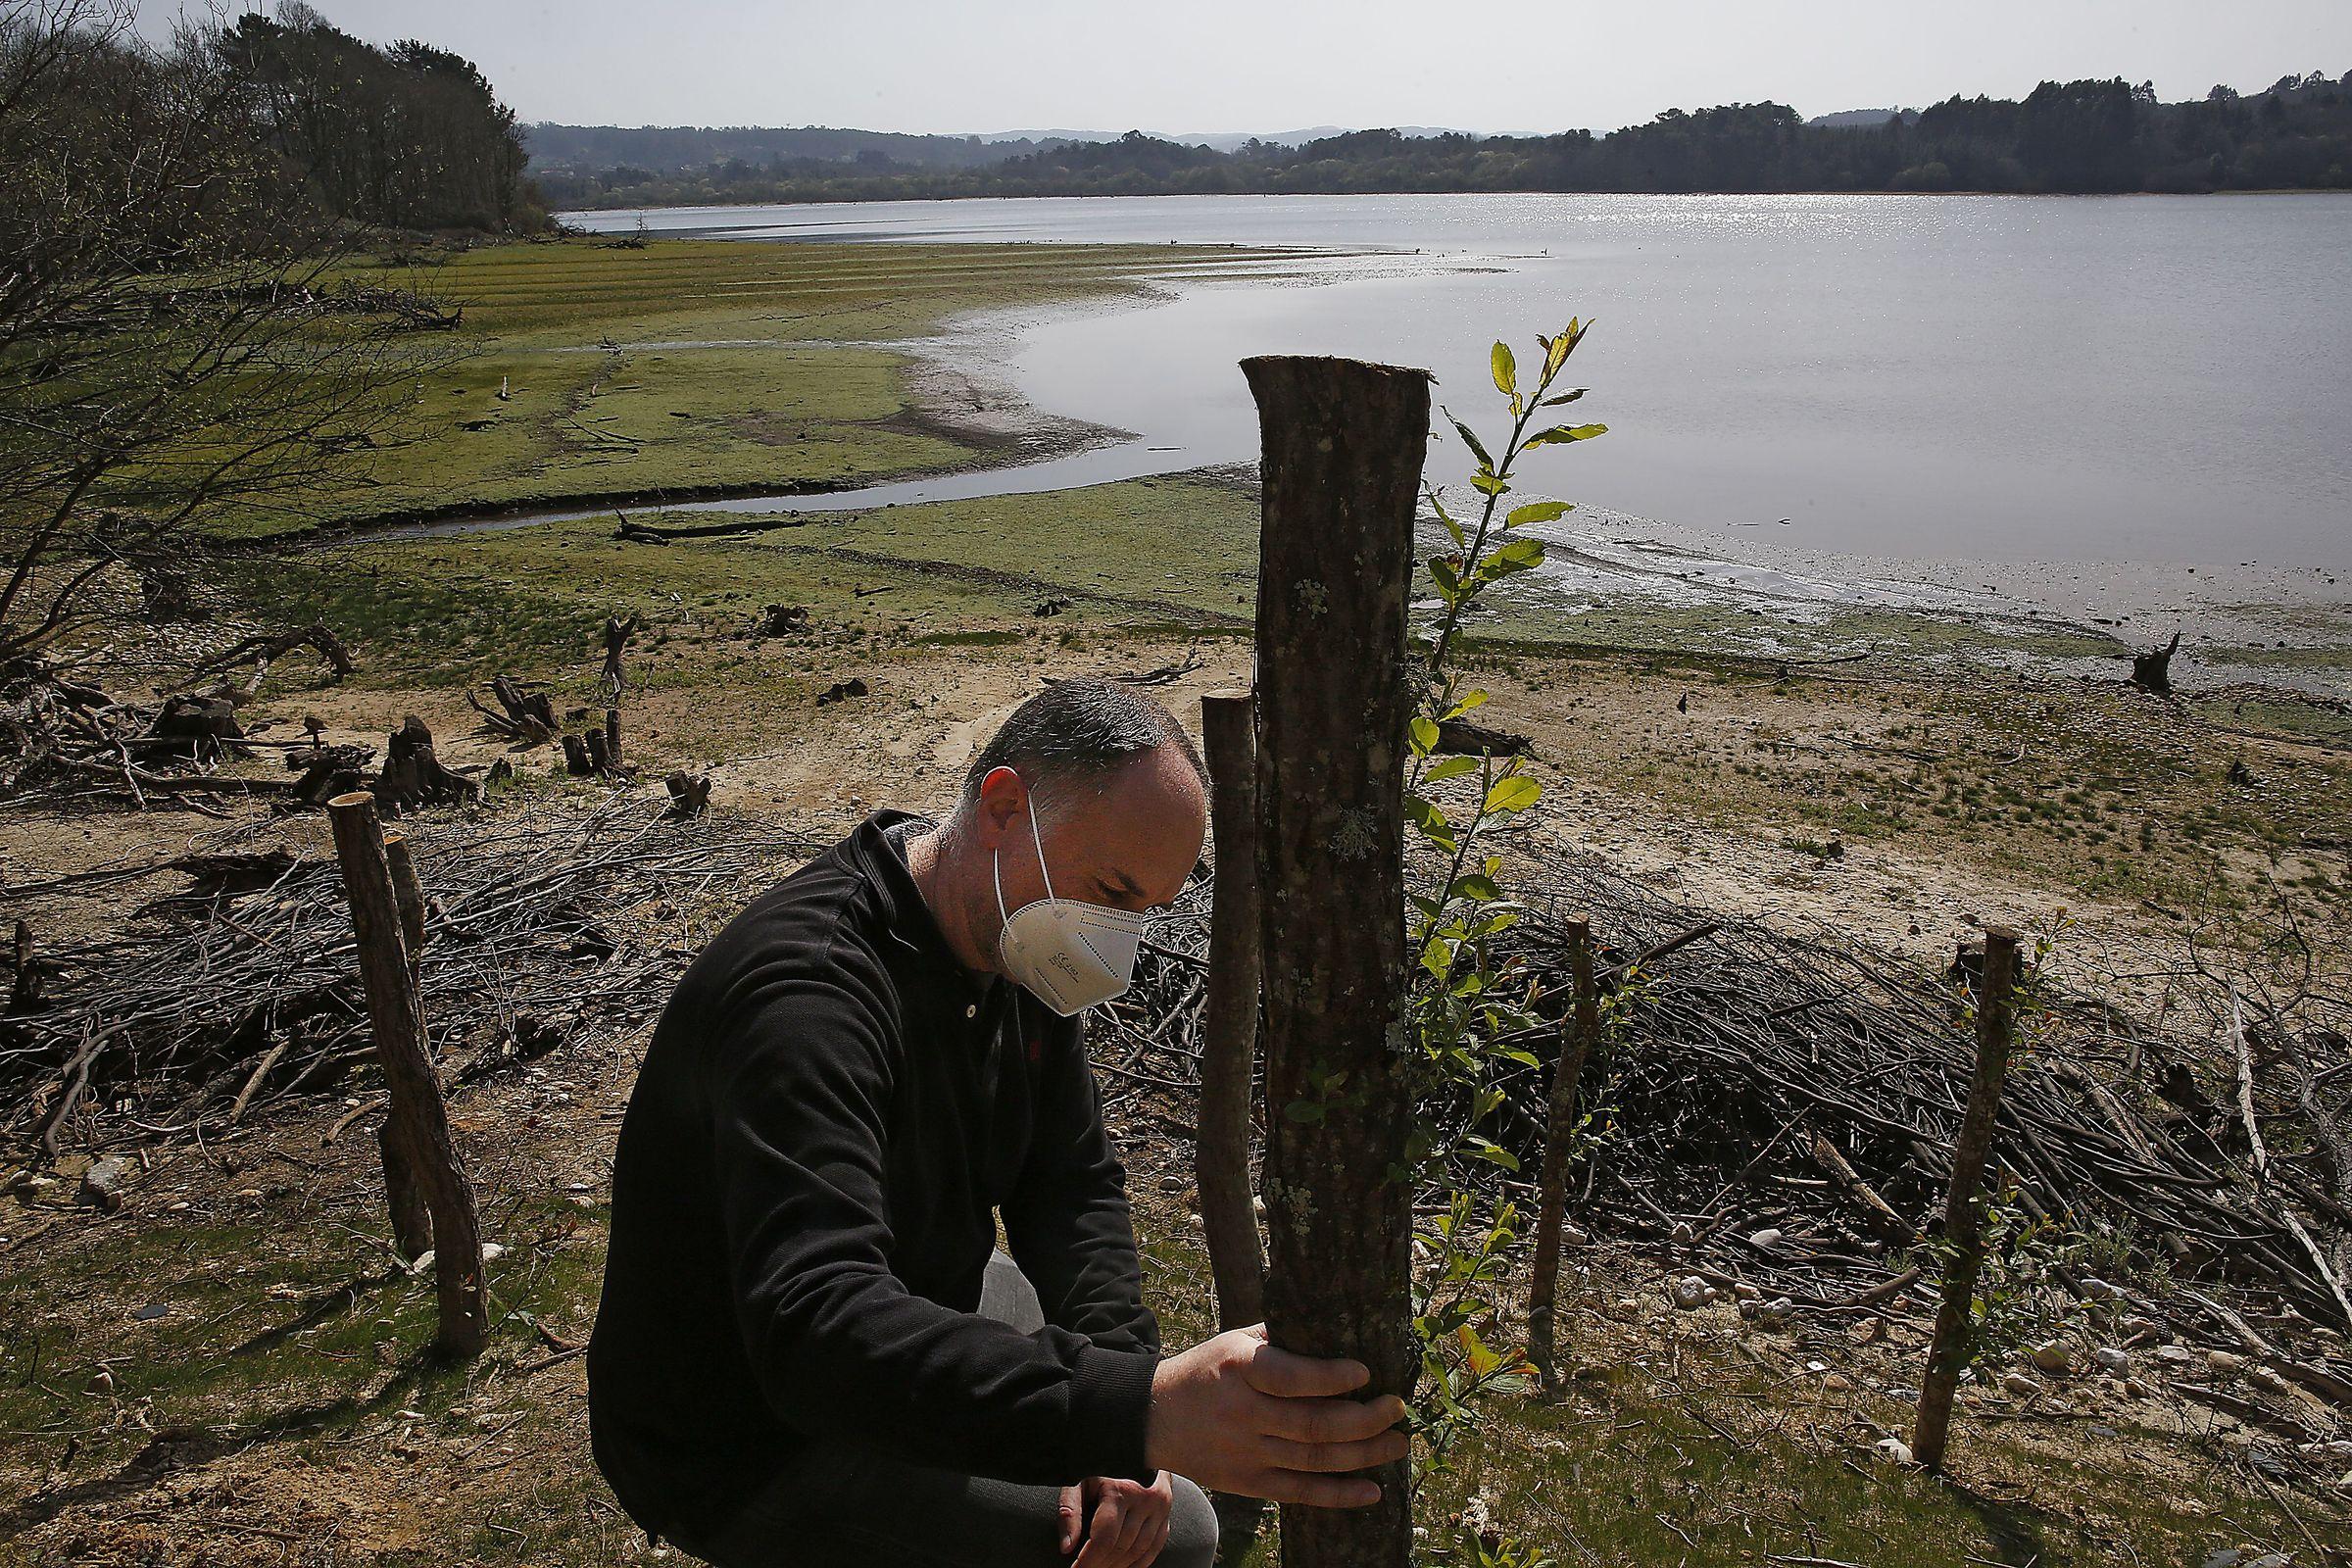 Miguel Fernández muestra el sistema de repoblación consistente en clavar en la tierra estacas procedentes de la poda de salgueiros. Ya se observan los primeros brotes